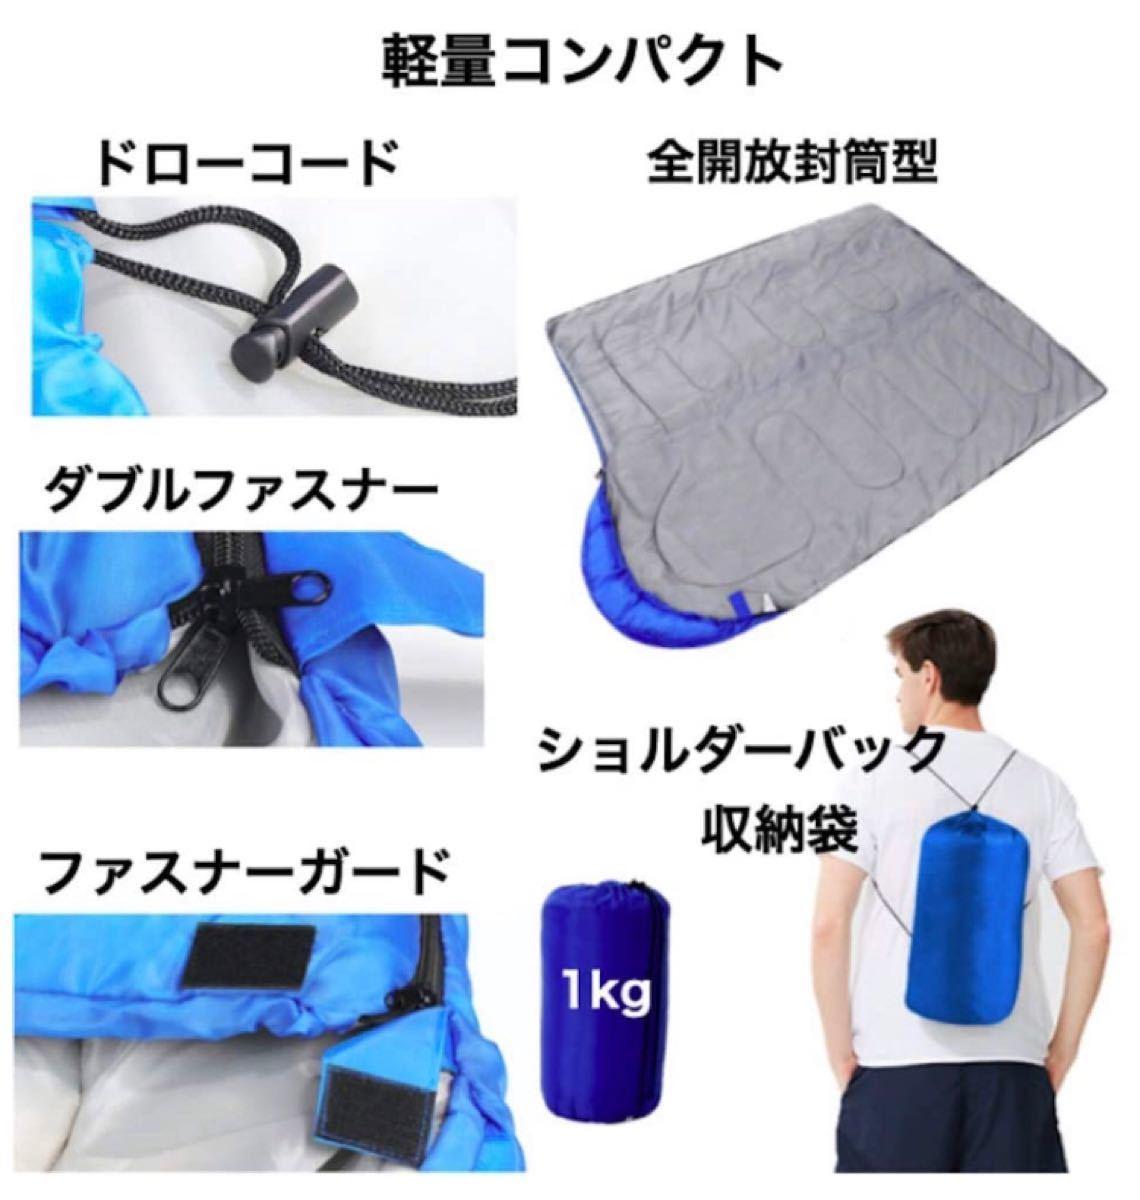 寝袋 シュラフ 封筒型 アイマスク付 レッド 軽量 2個セット